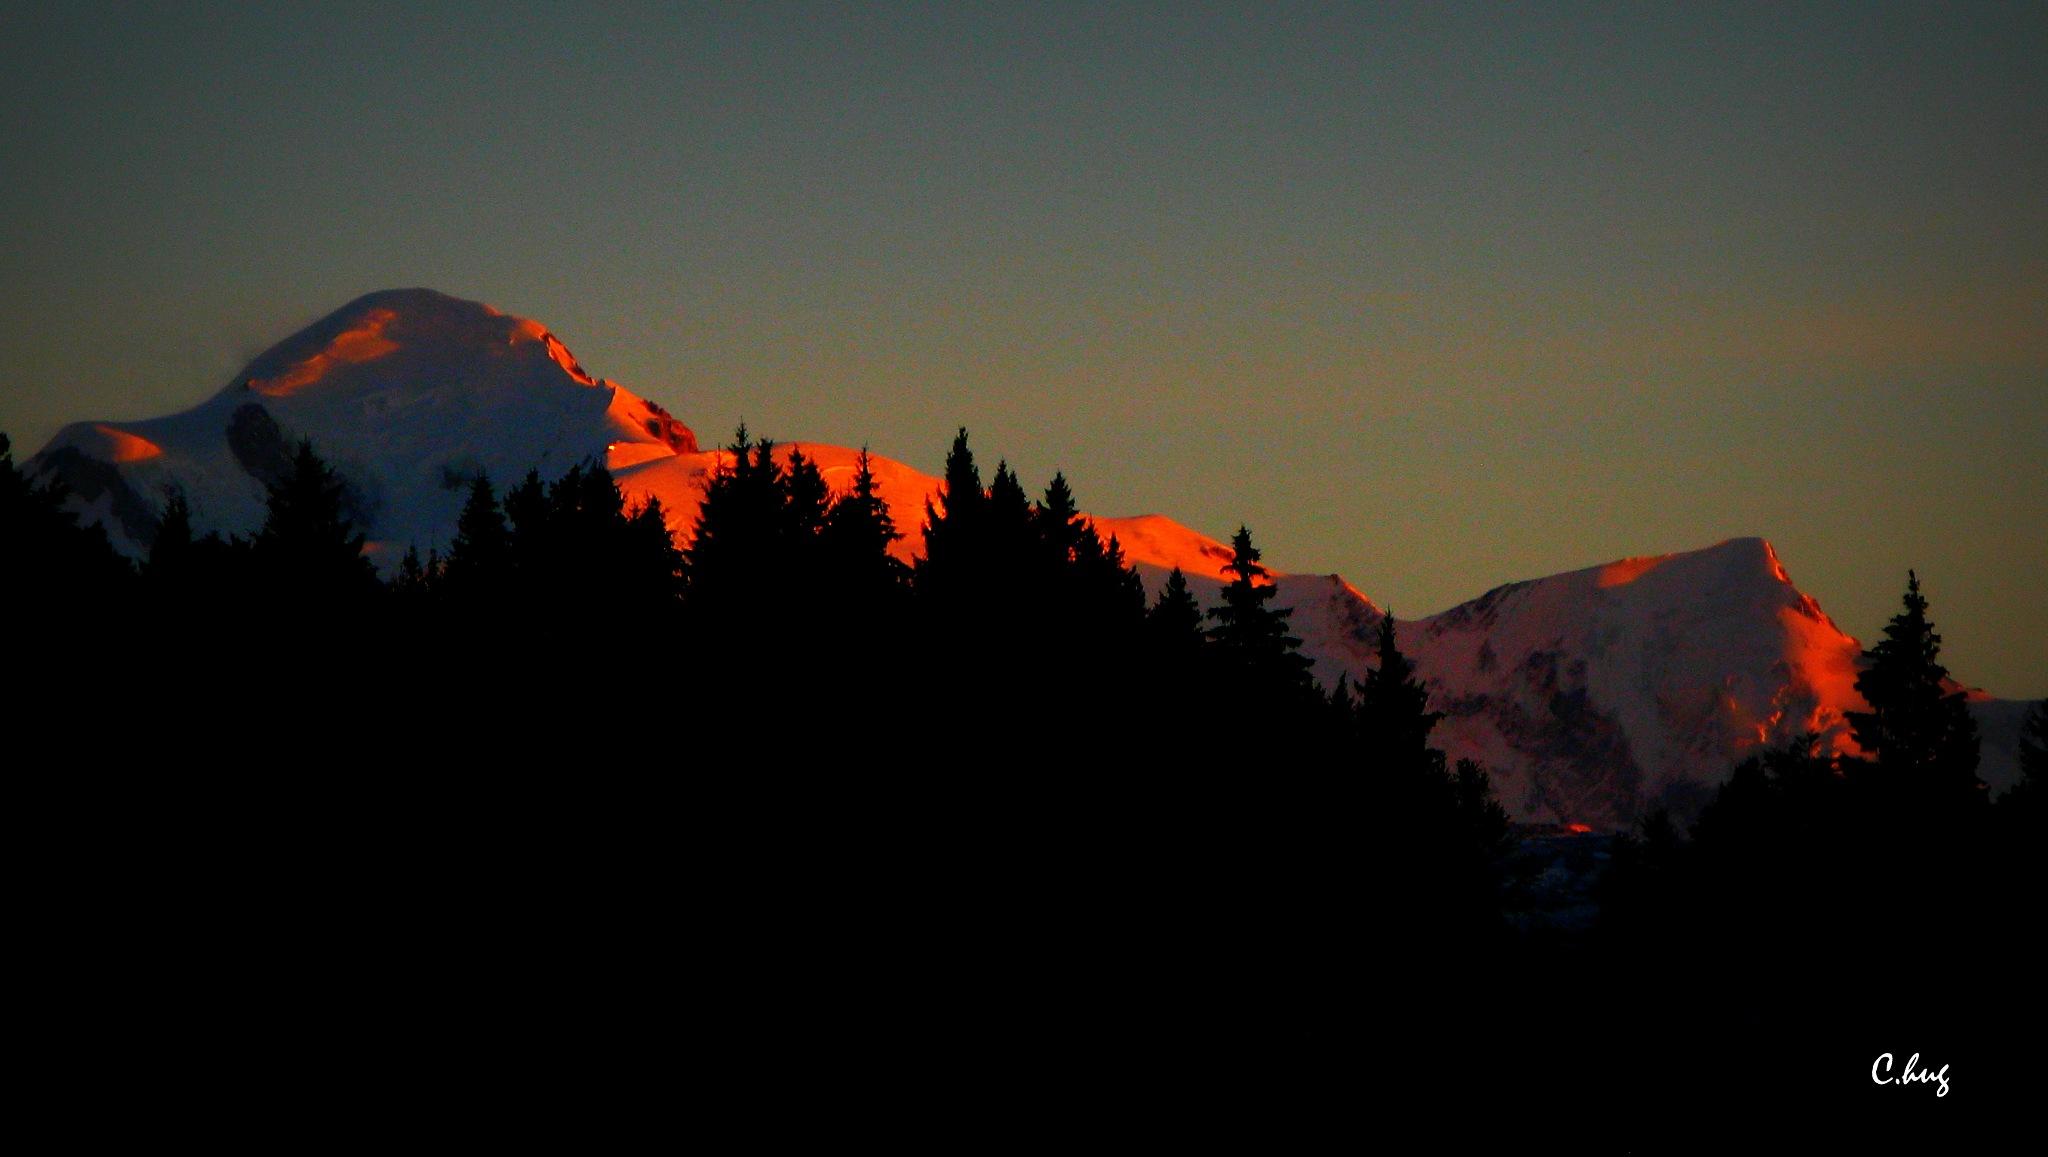 Coucher de soleil sur le Mont Blanc by Huguenin Claude